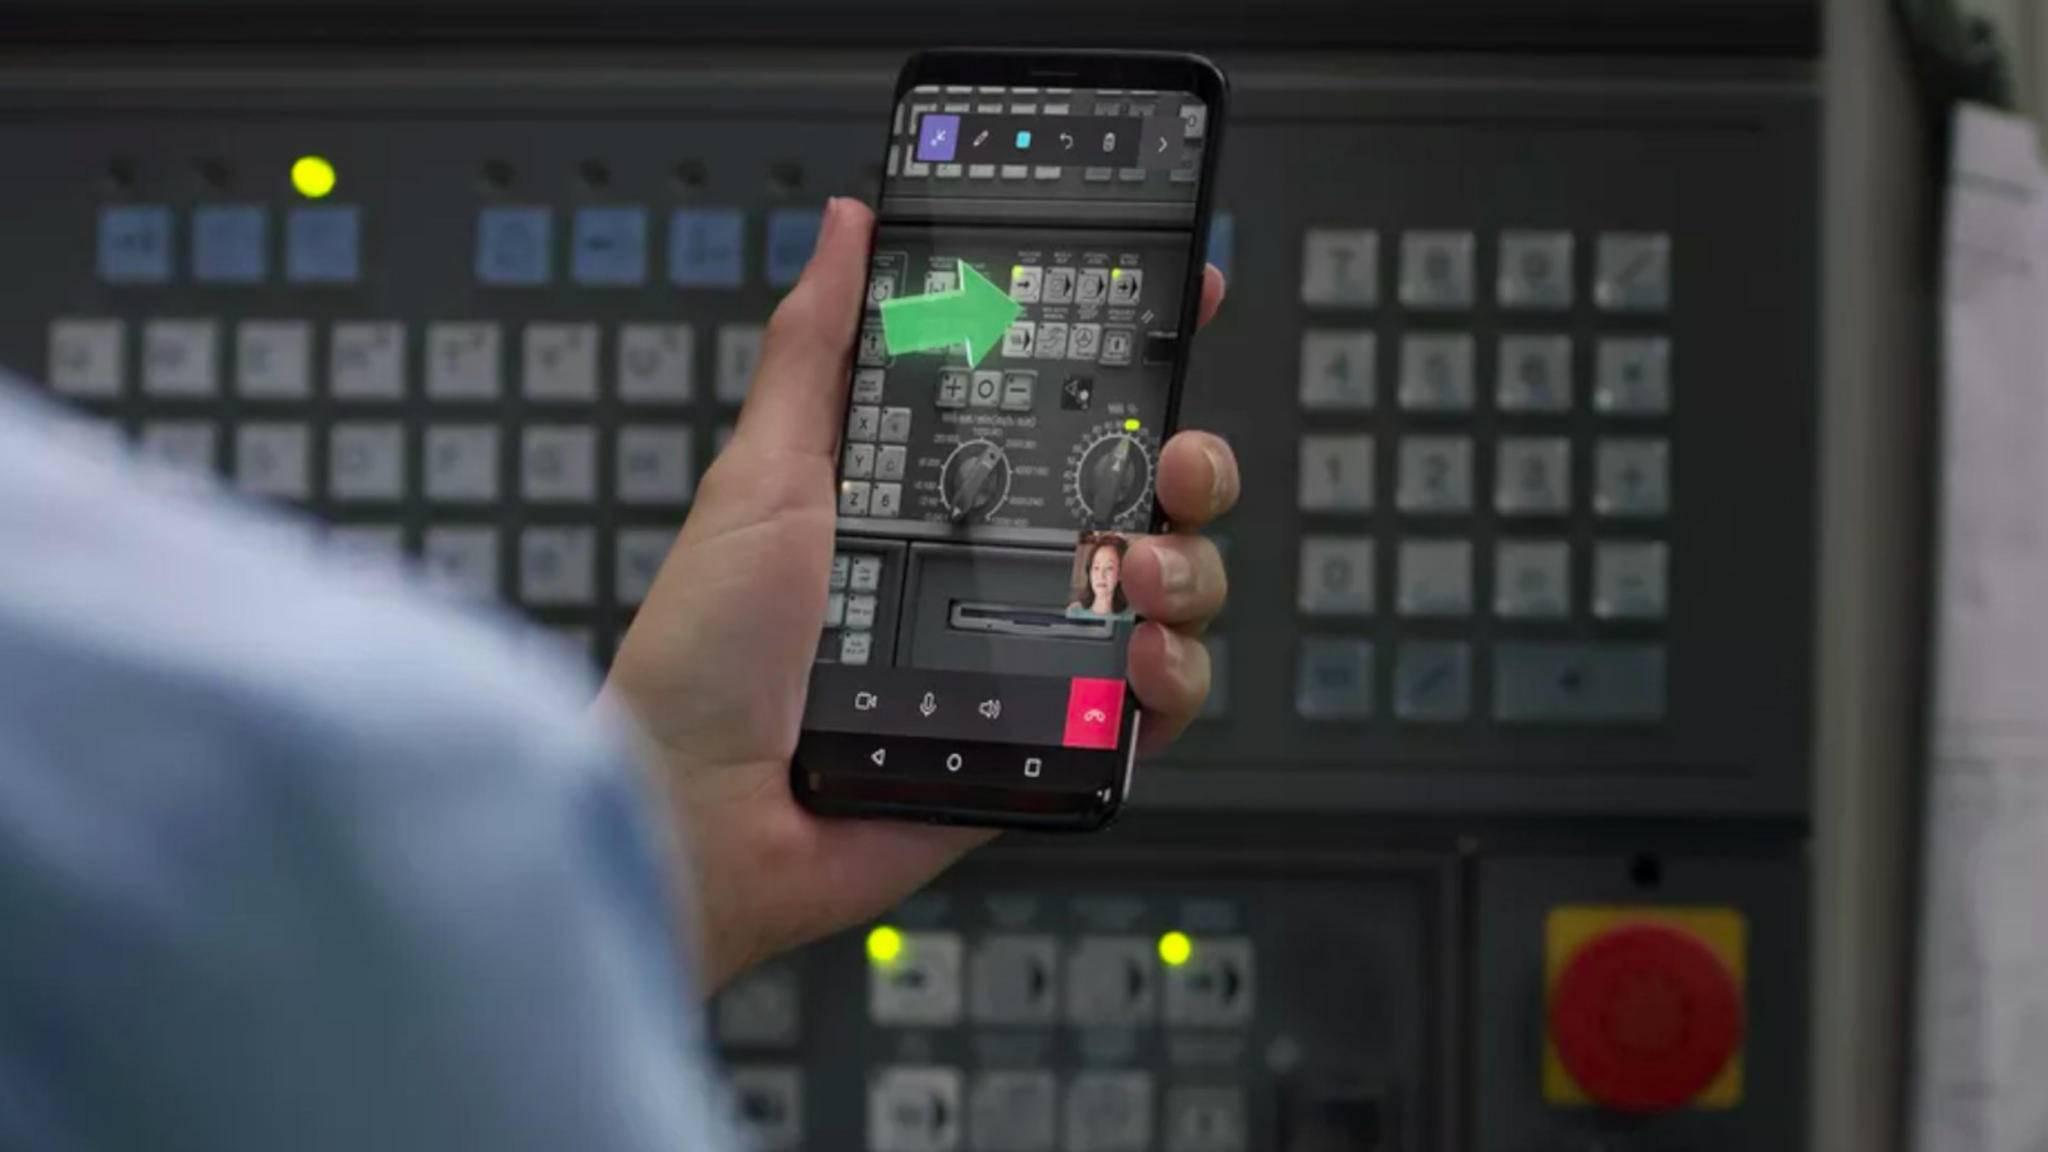 Die Remote-Assist-App ist genau richtig, wenn Du einmal nicht weißt, welchen Knopf Du drücken sollst.